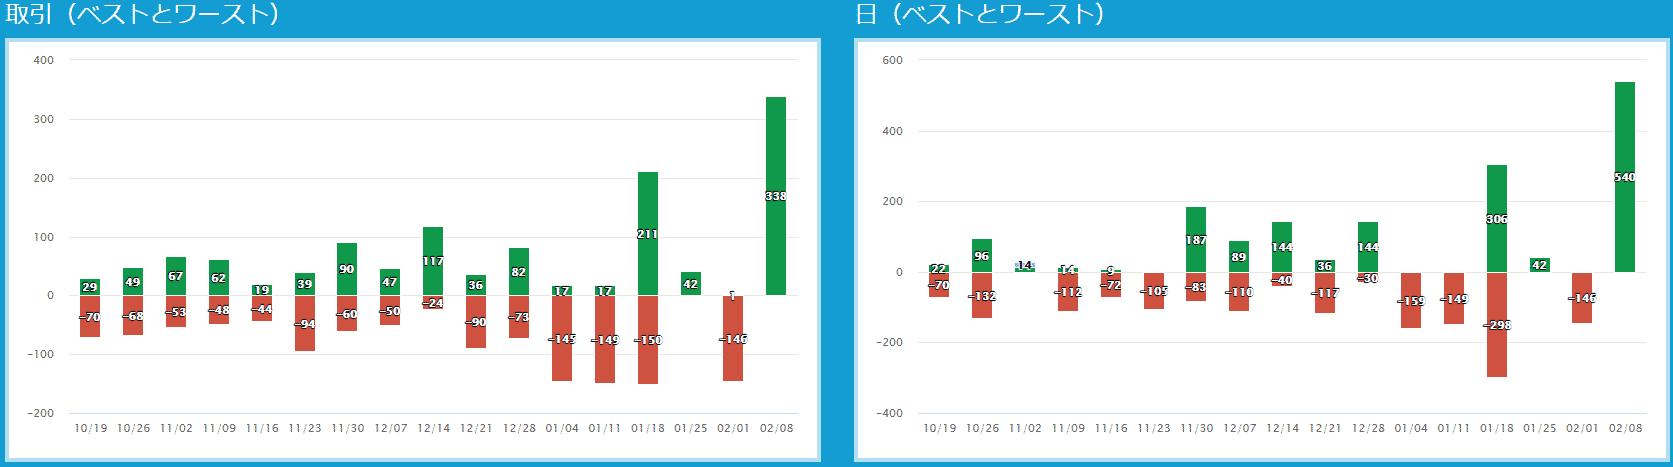 プロップトレーダーチャートmasayasu1